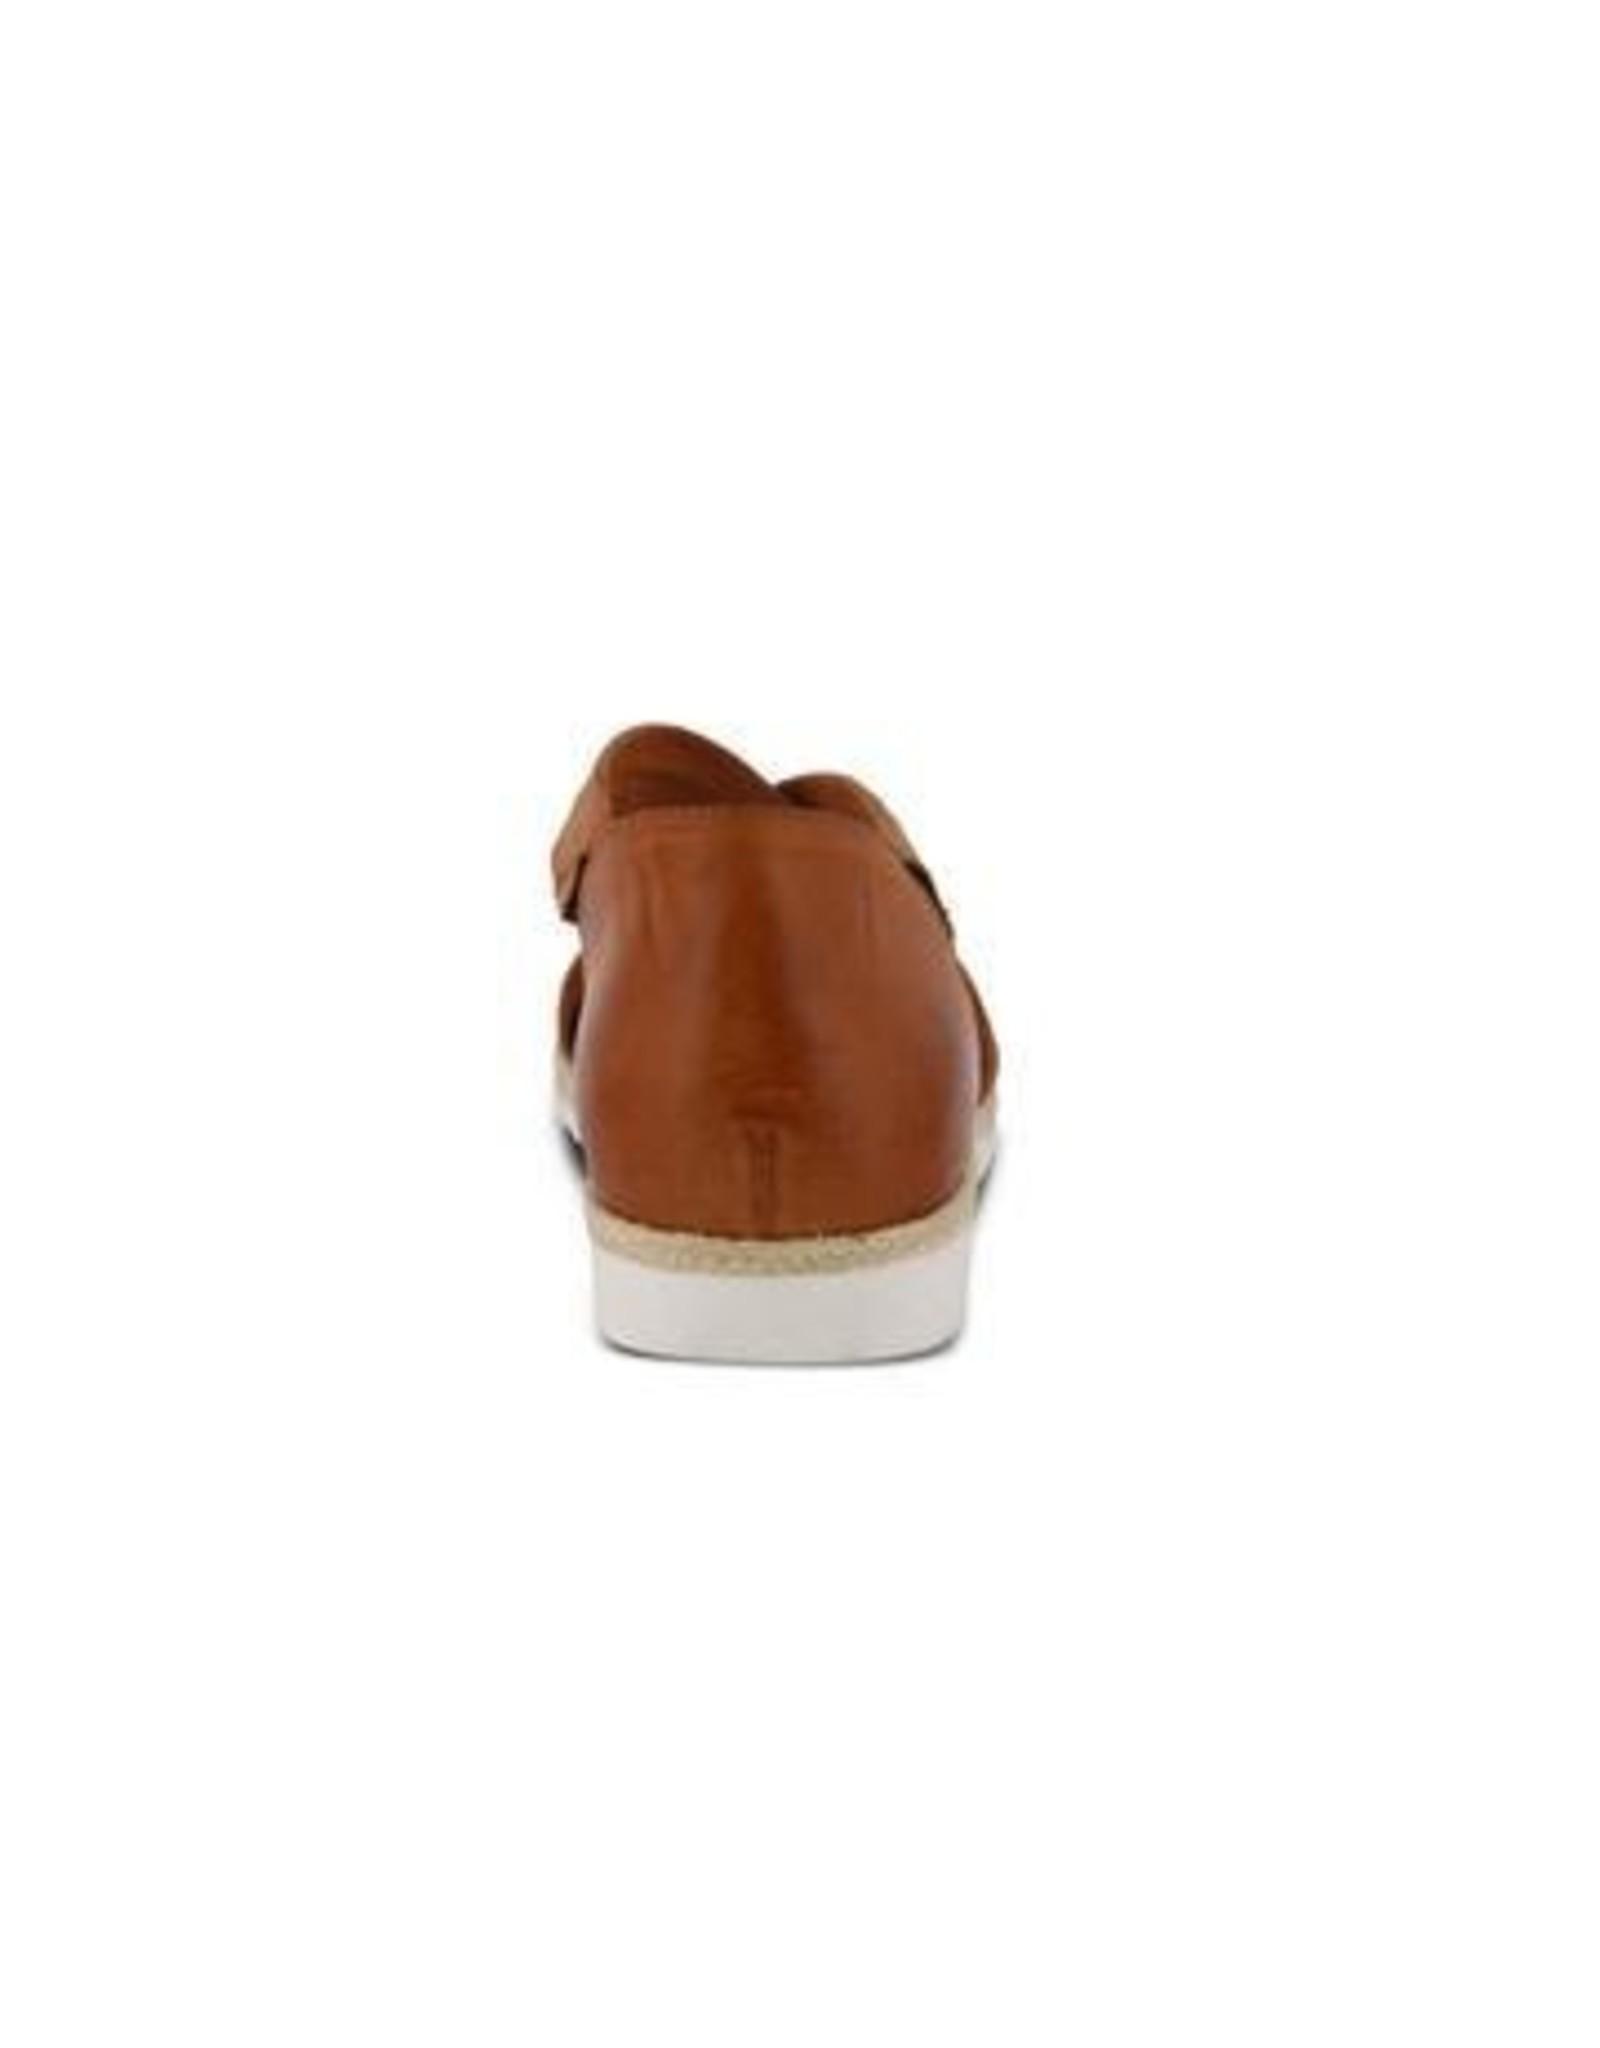 Maridora Leather Sandal